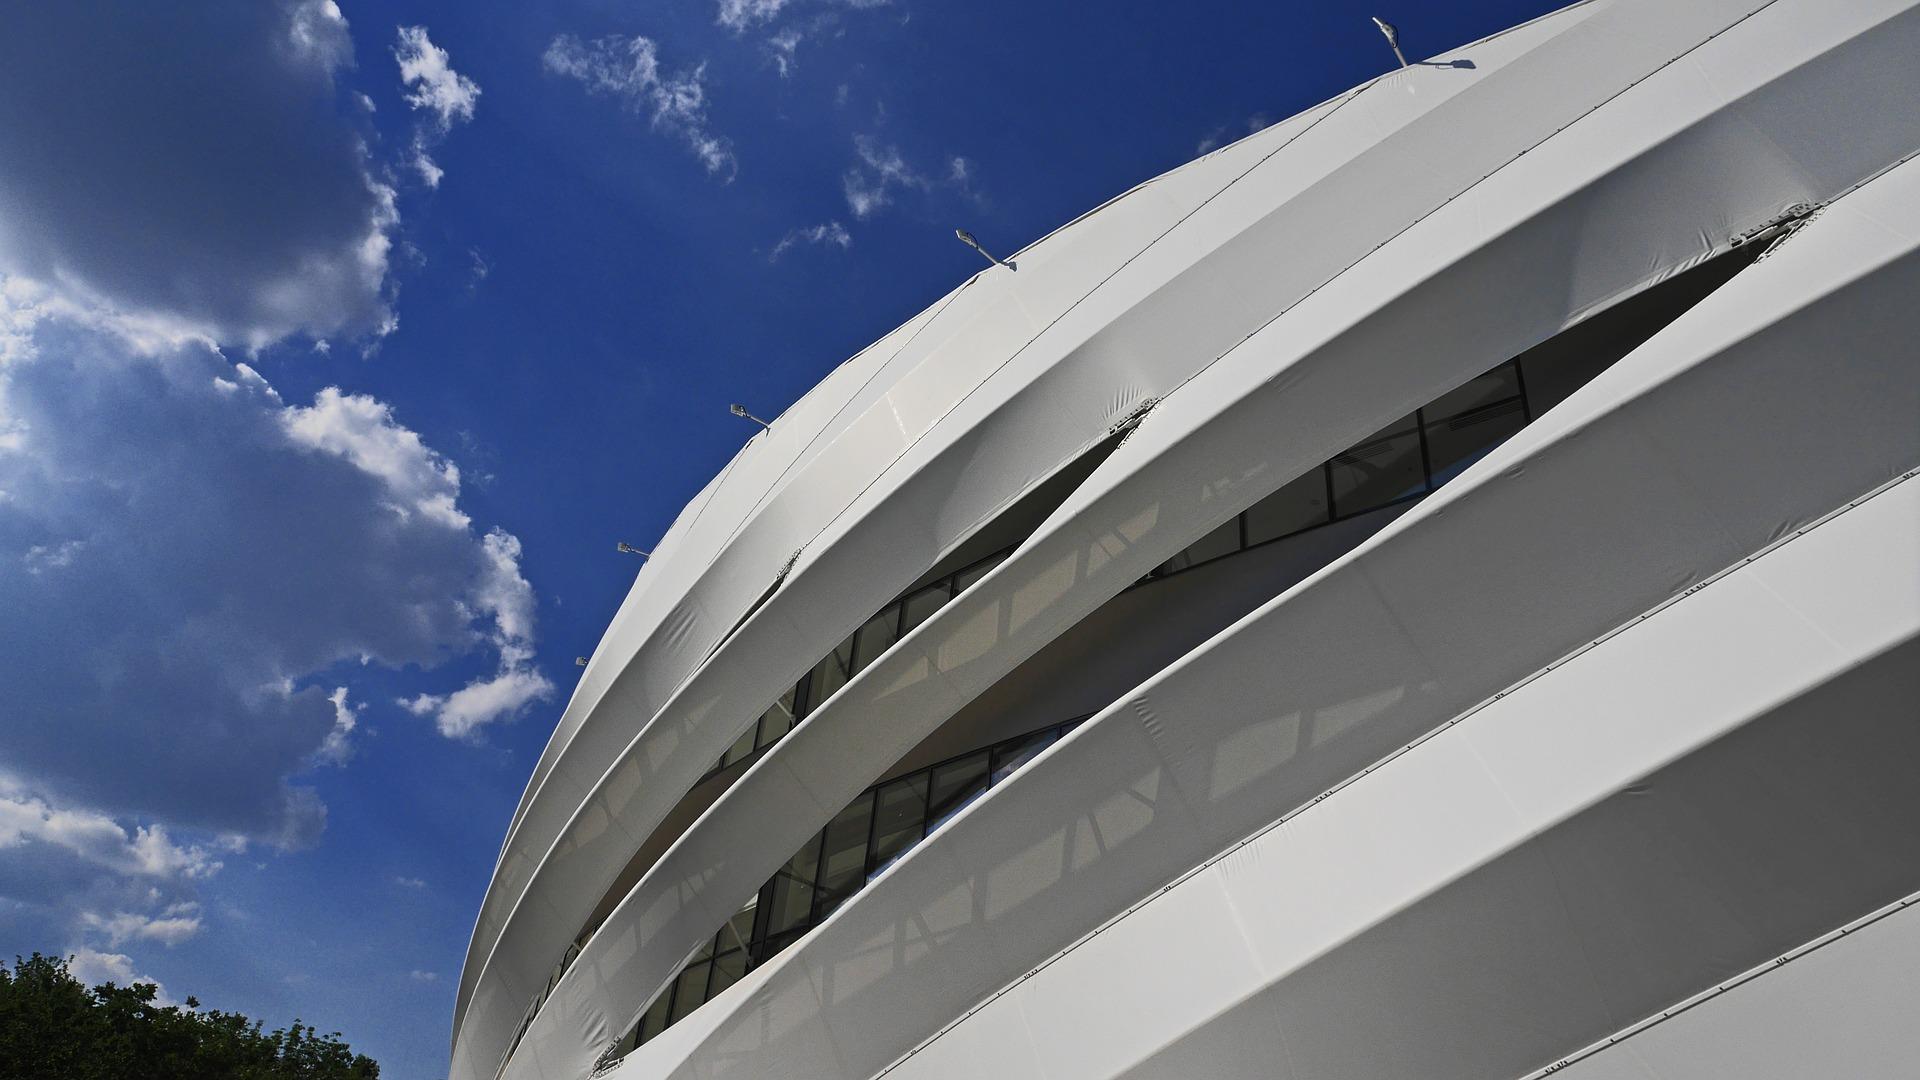 architecture-352703_1920.jpg